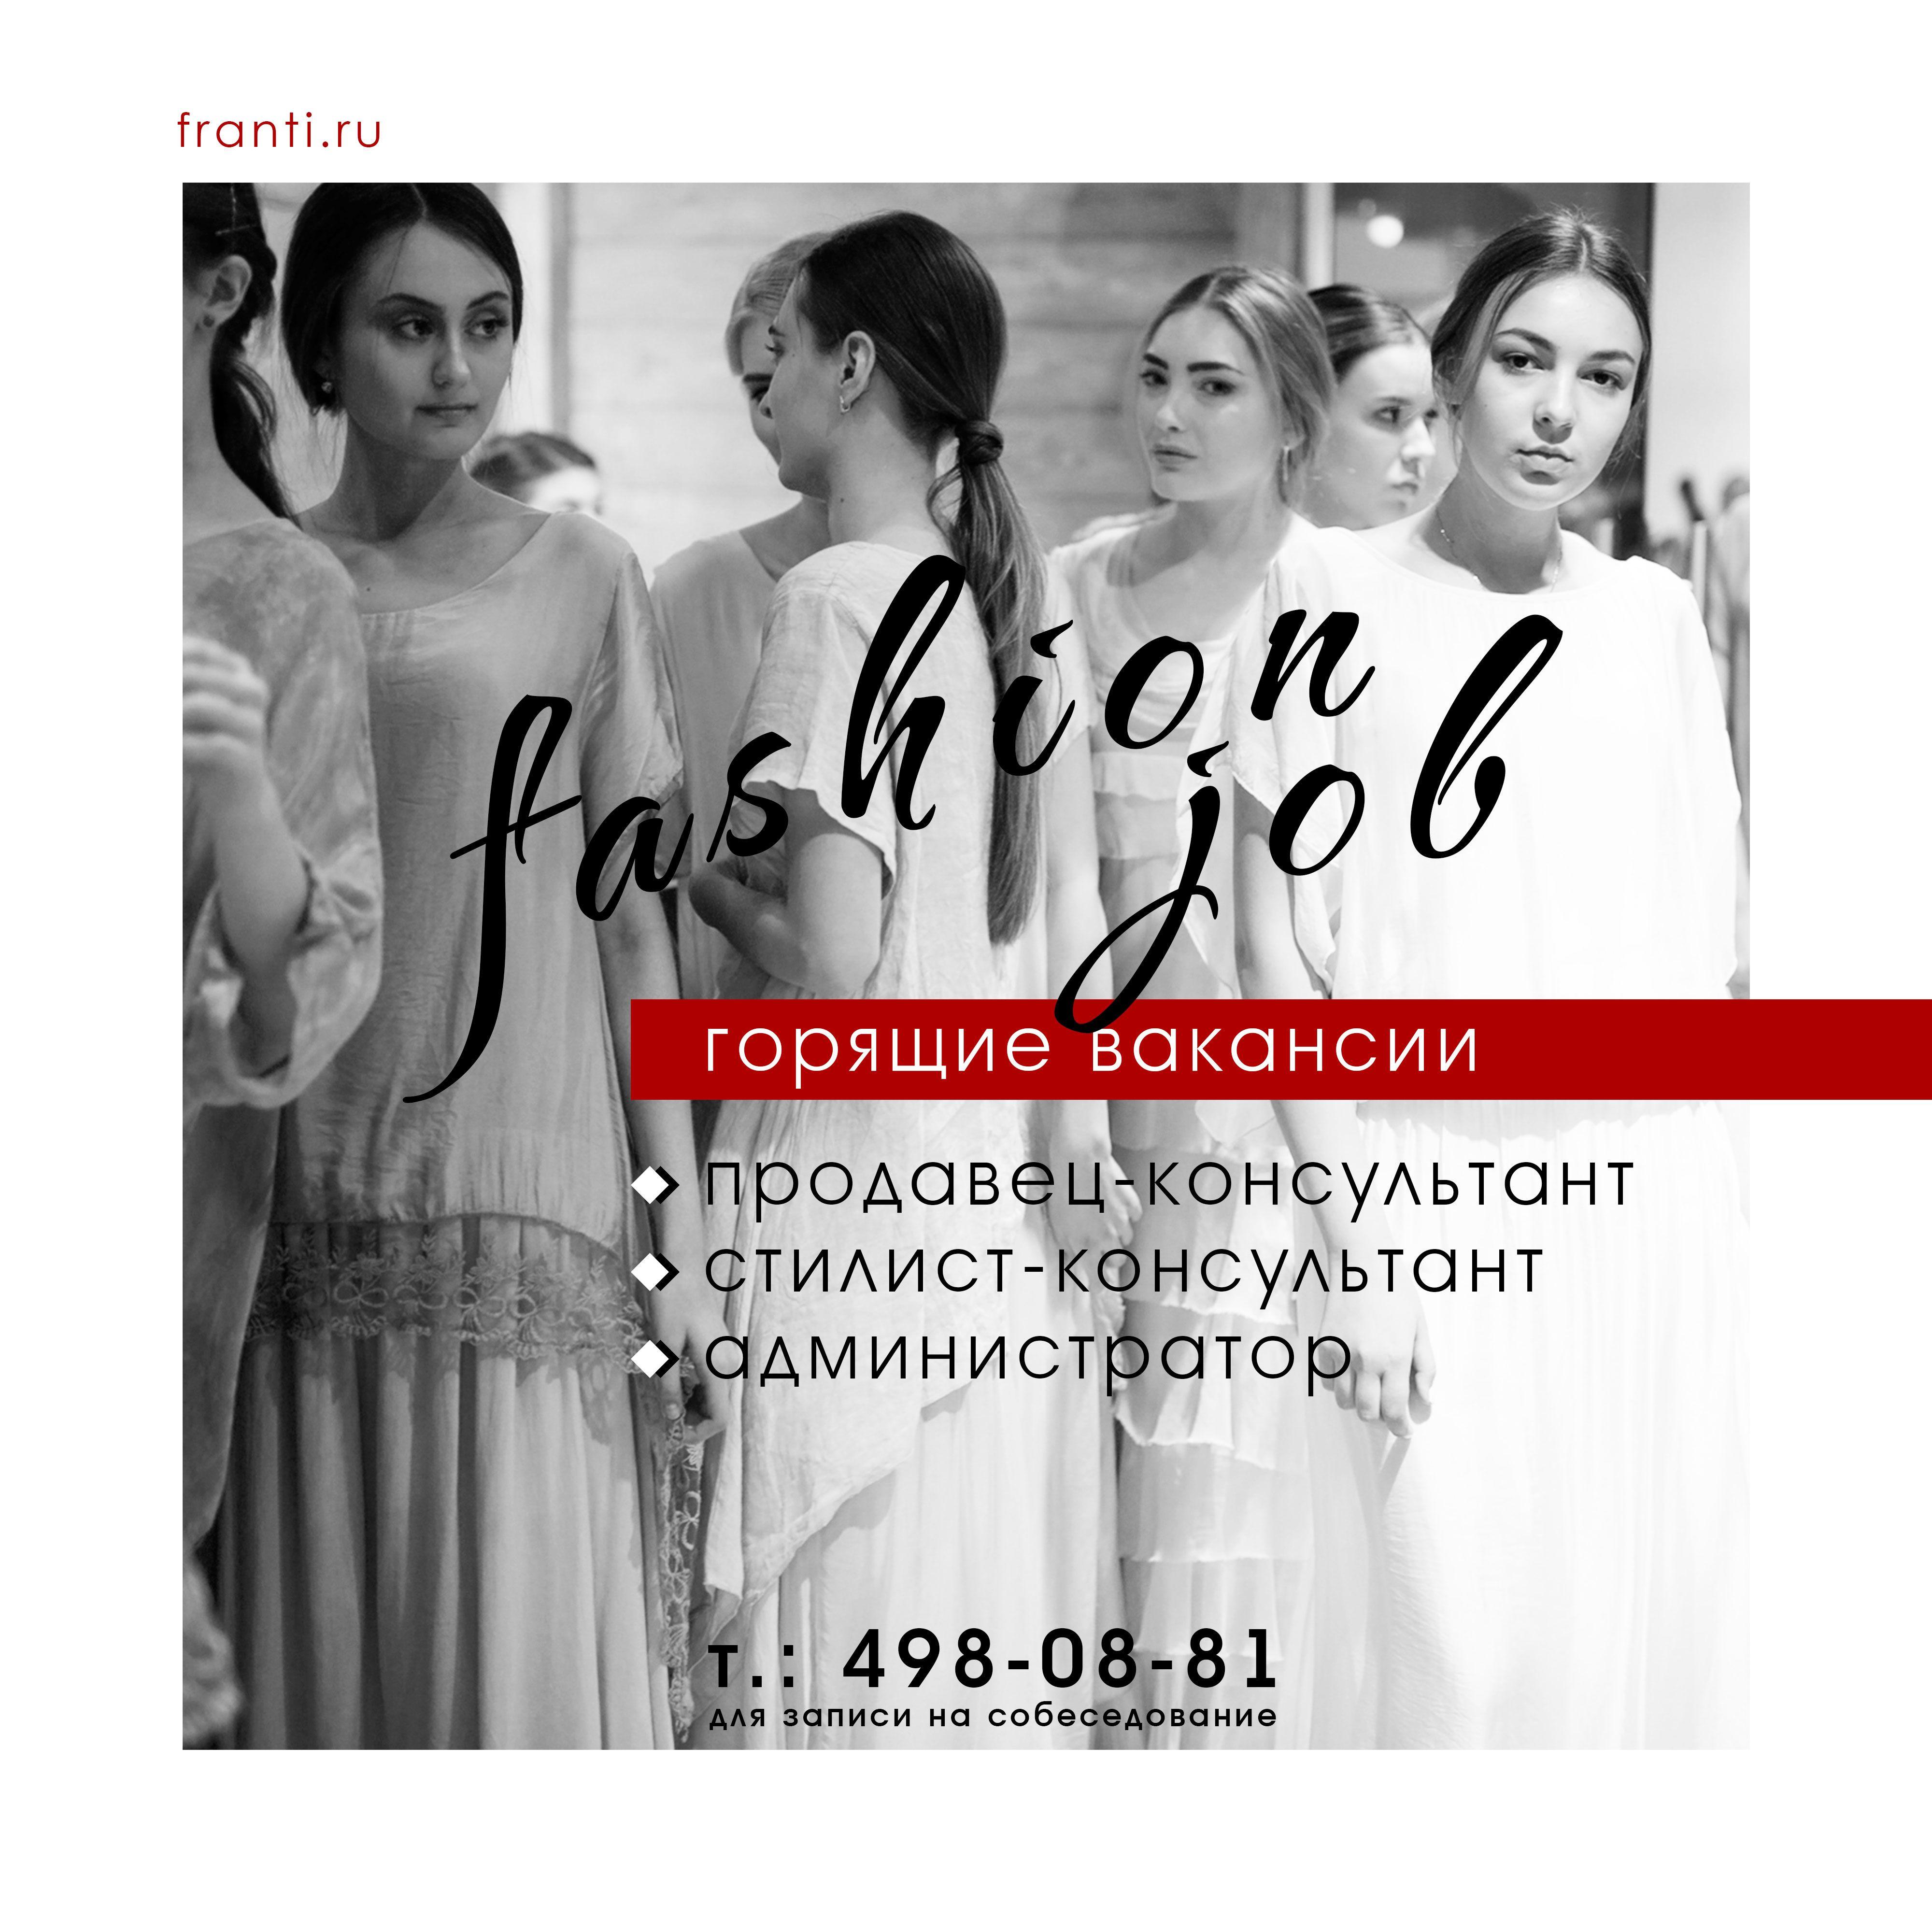 5905390232c7 Franti интернет магазин женской одежды Санкт-Петербург